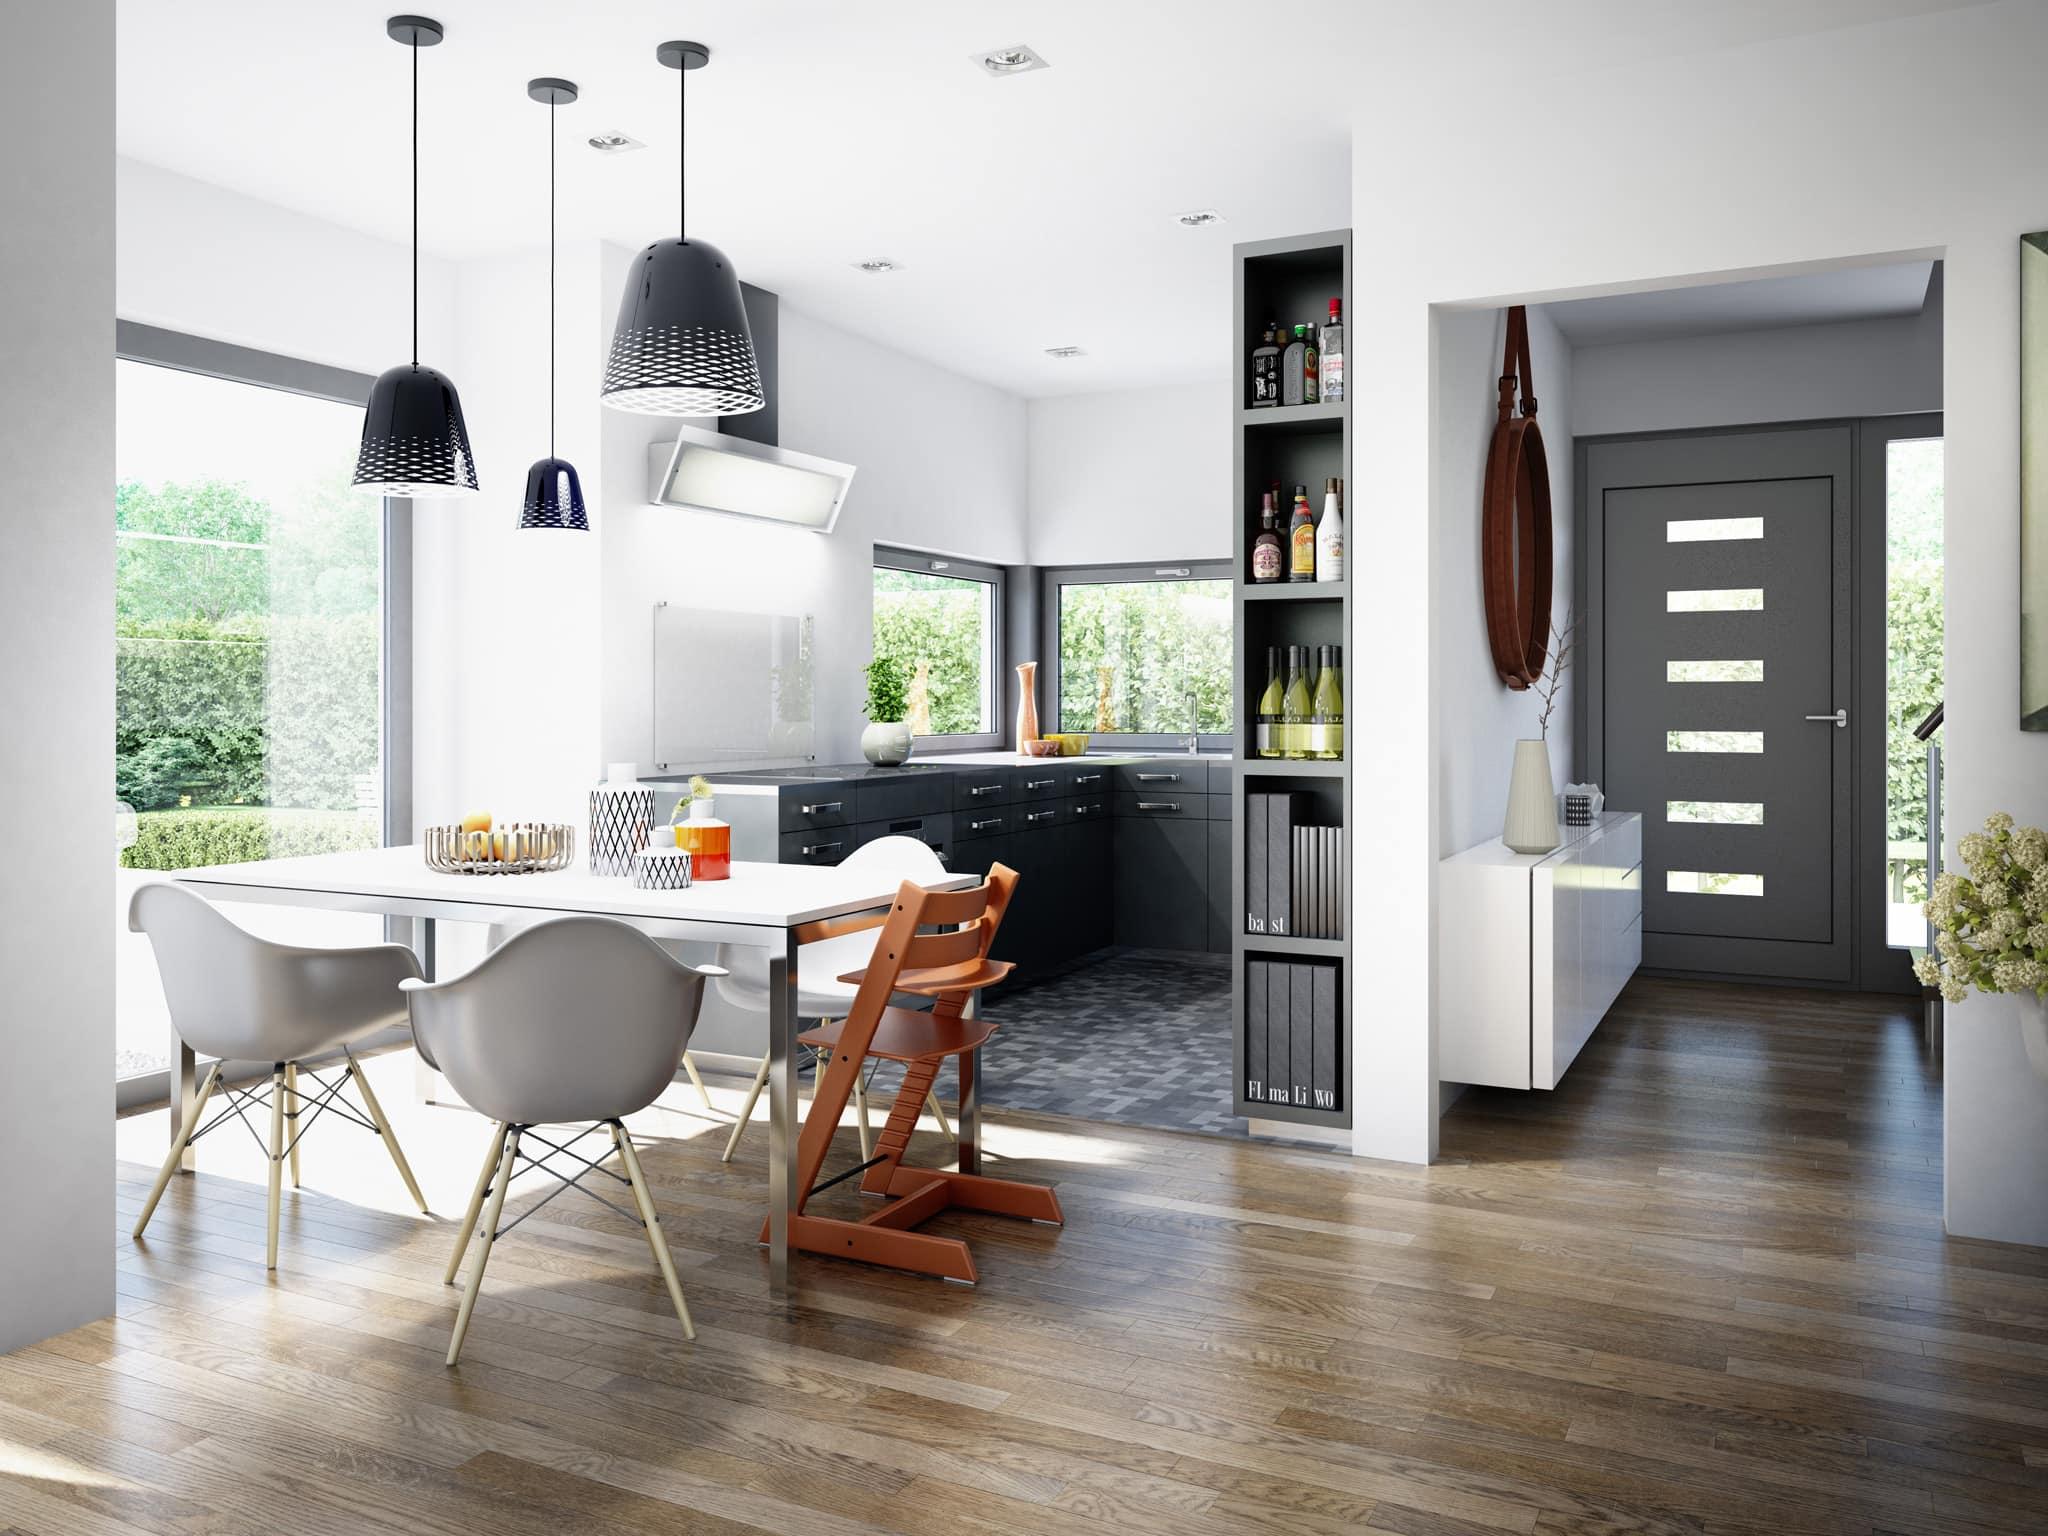 Offene Küche mit Esstisch - Inneneinrichtung Ideen Fertighaus Living Haus SUNSHINE 151 V4 - HausbauDirekt.de